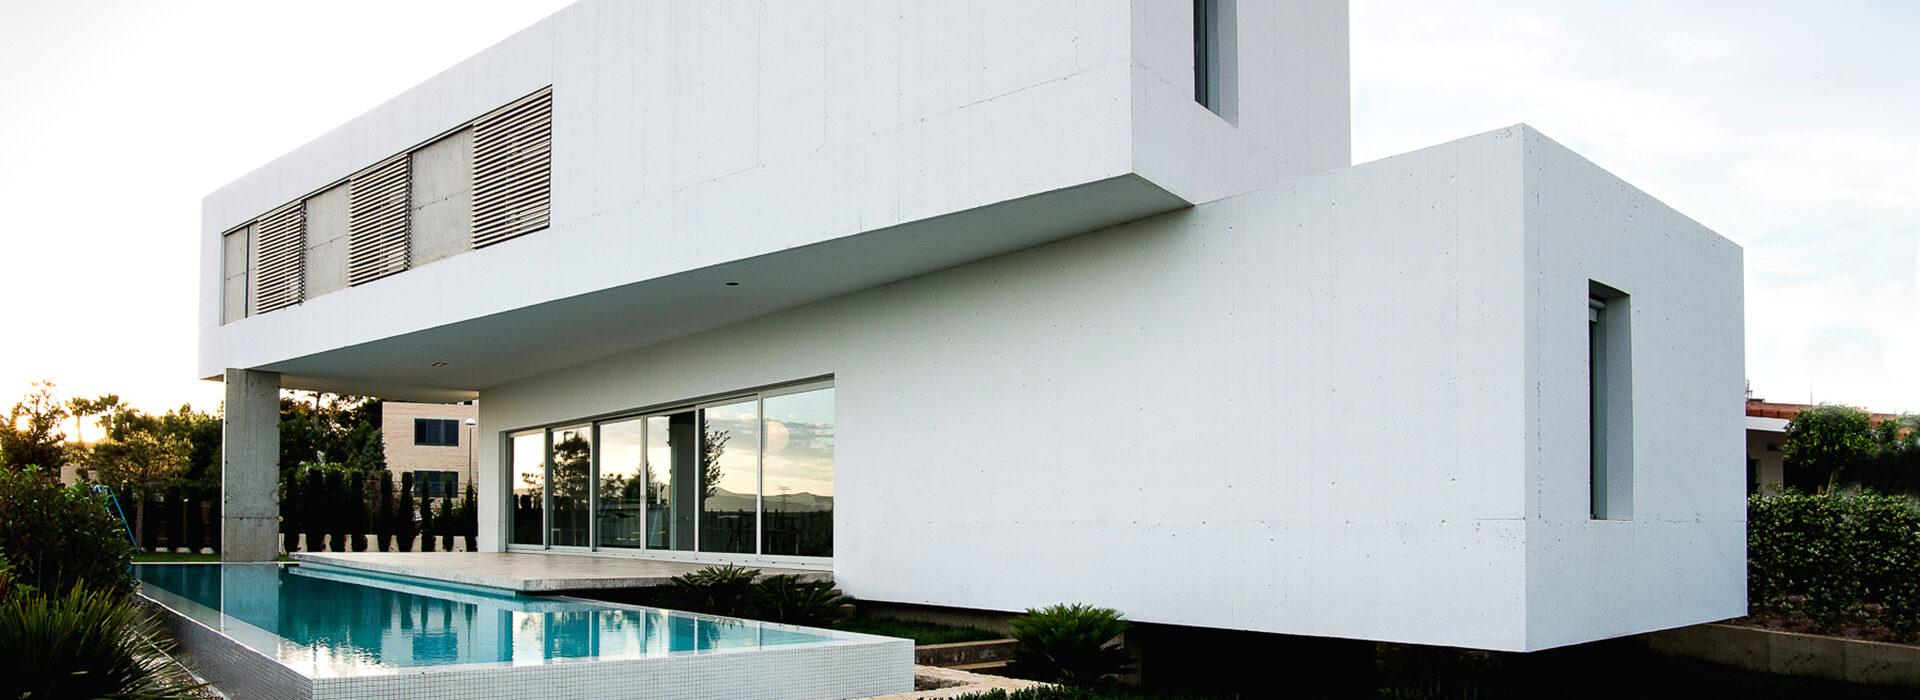 Ascoz Arquitectura